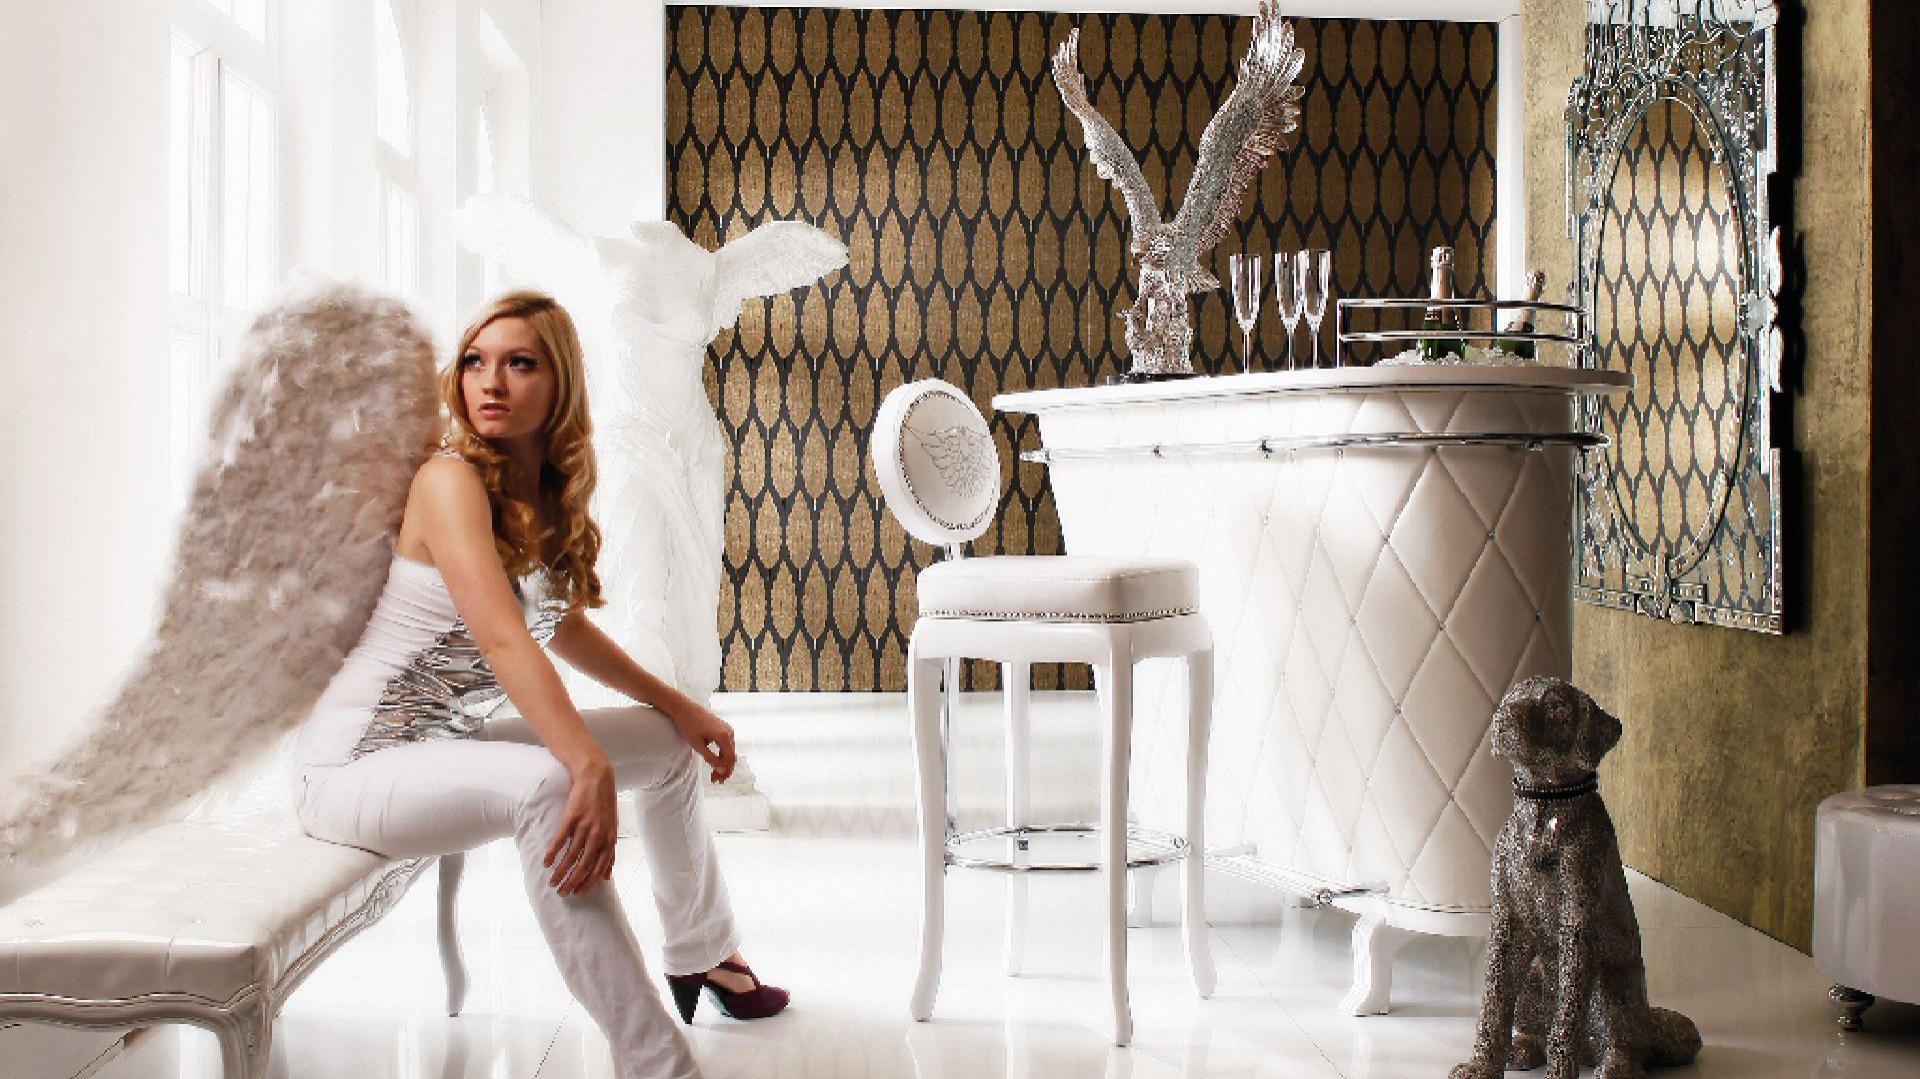 Aranżacja w stylu glamour. Fot. Kare Design.